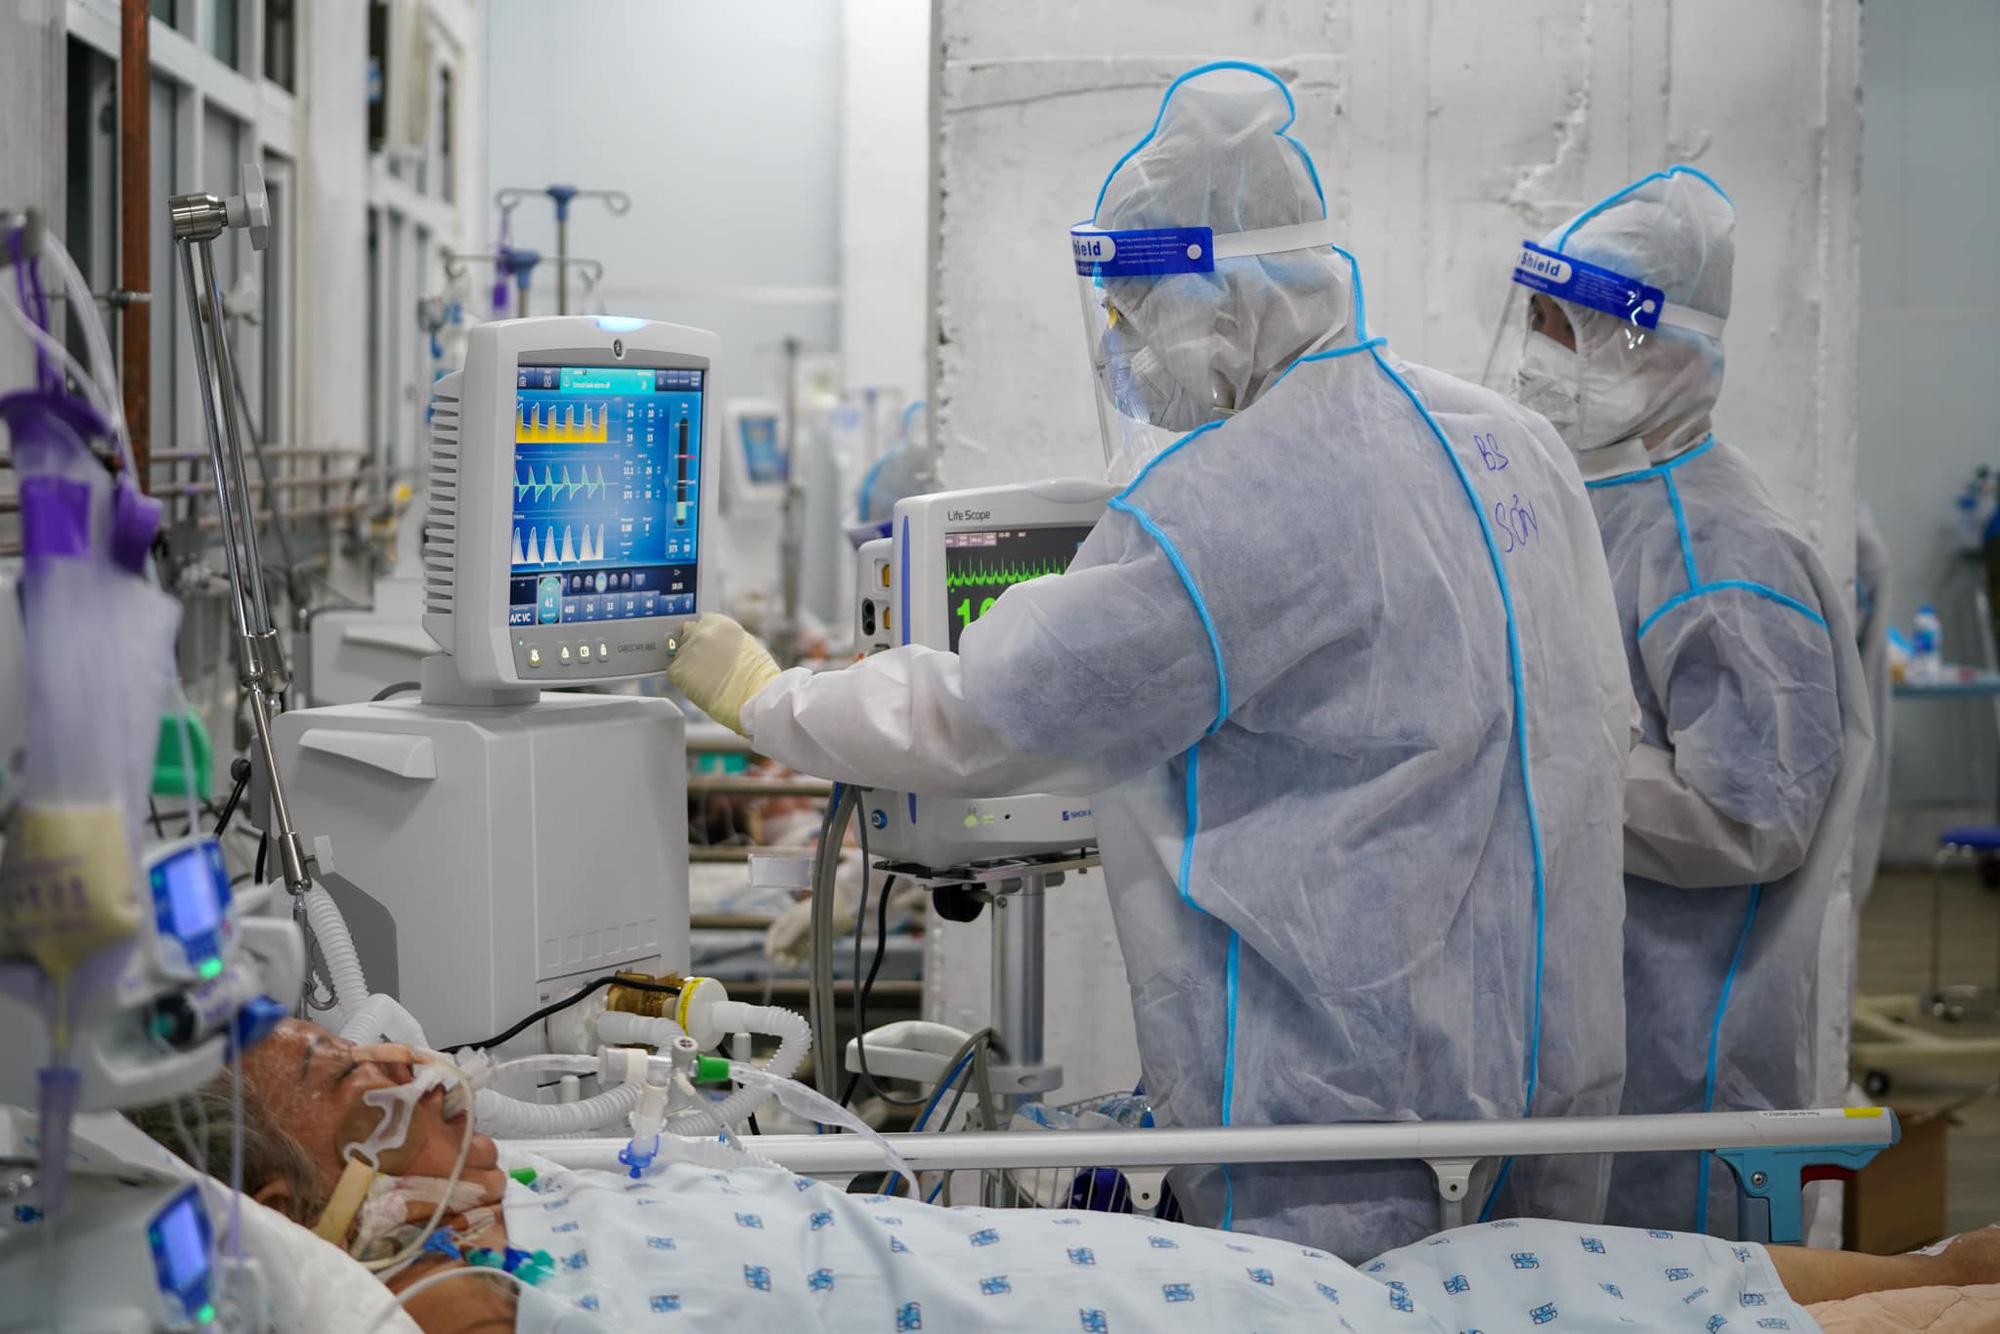 Sáng 12/9: Có hơn 6.200 bệnh nhân COVID-19 nặng đang điều trị; Bình Dương đã vượt mốc 150.000 ca F0 - Ảnh 2.